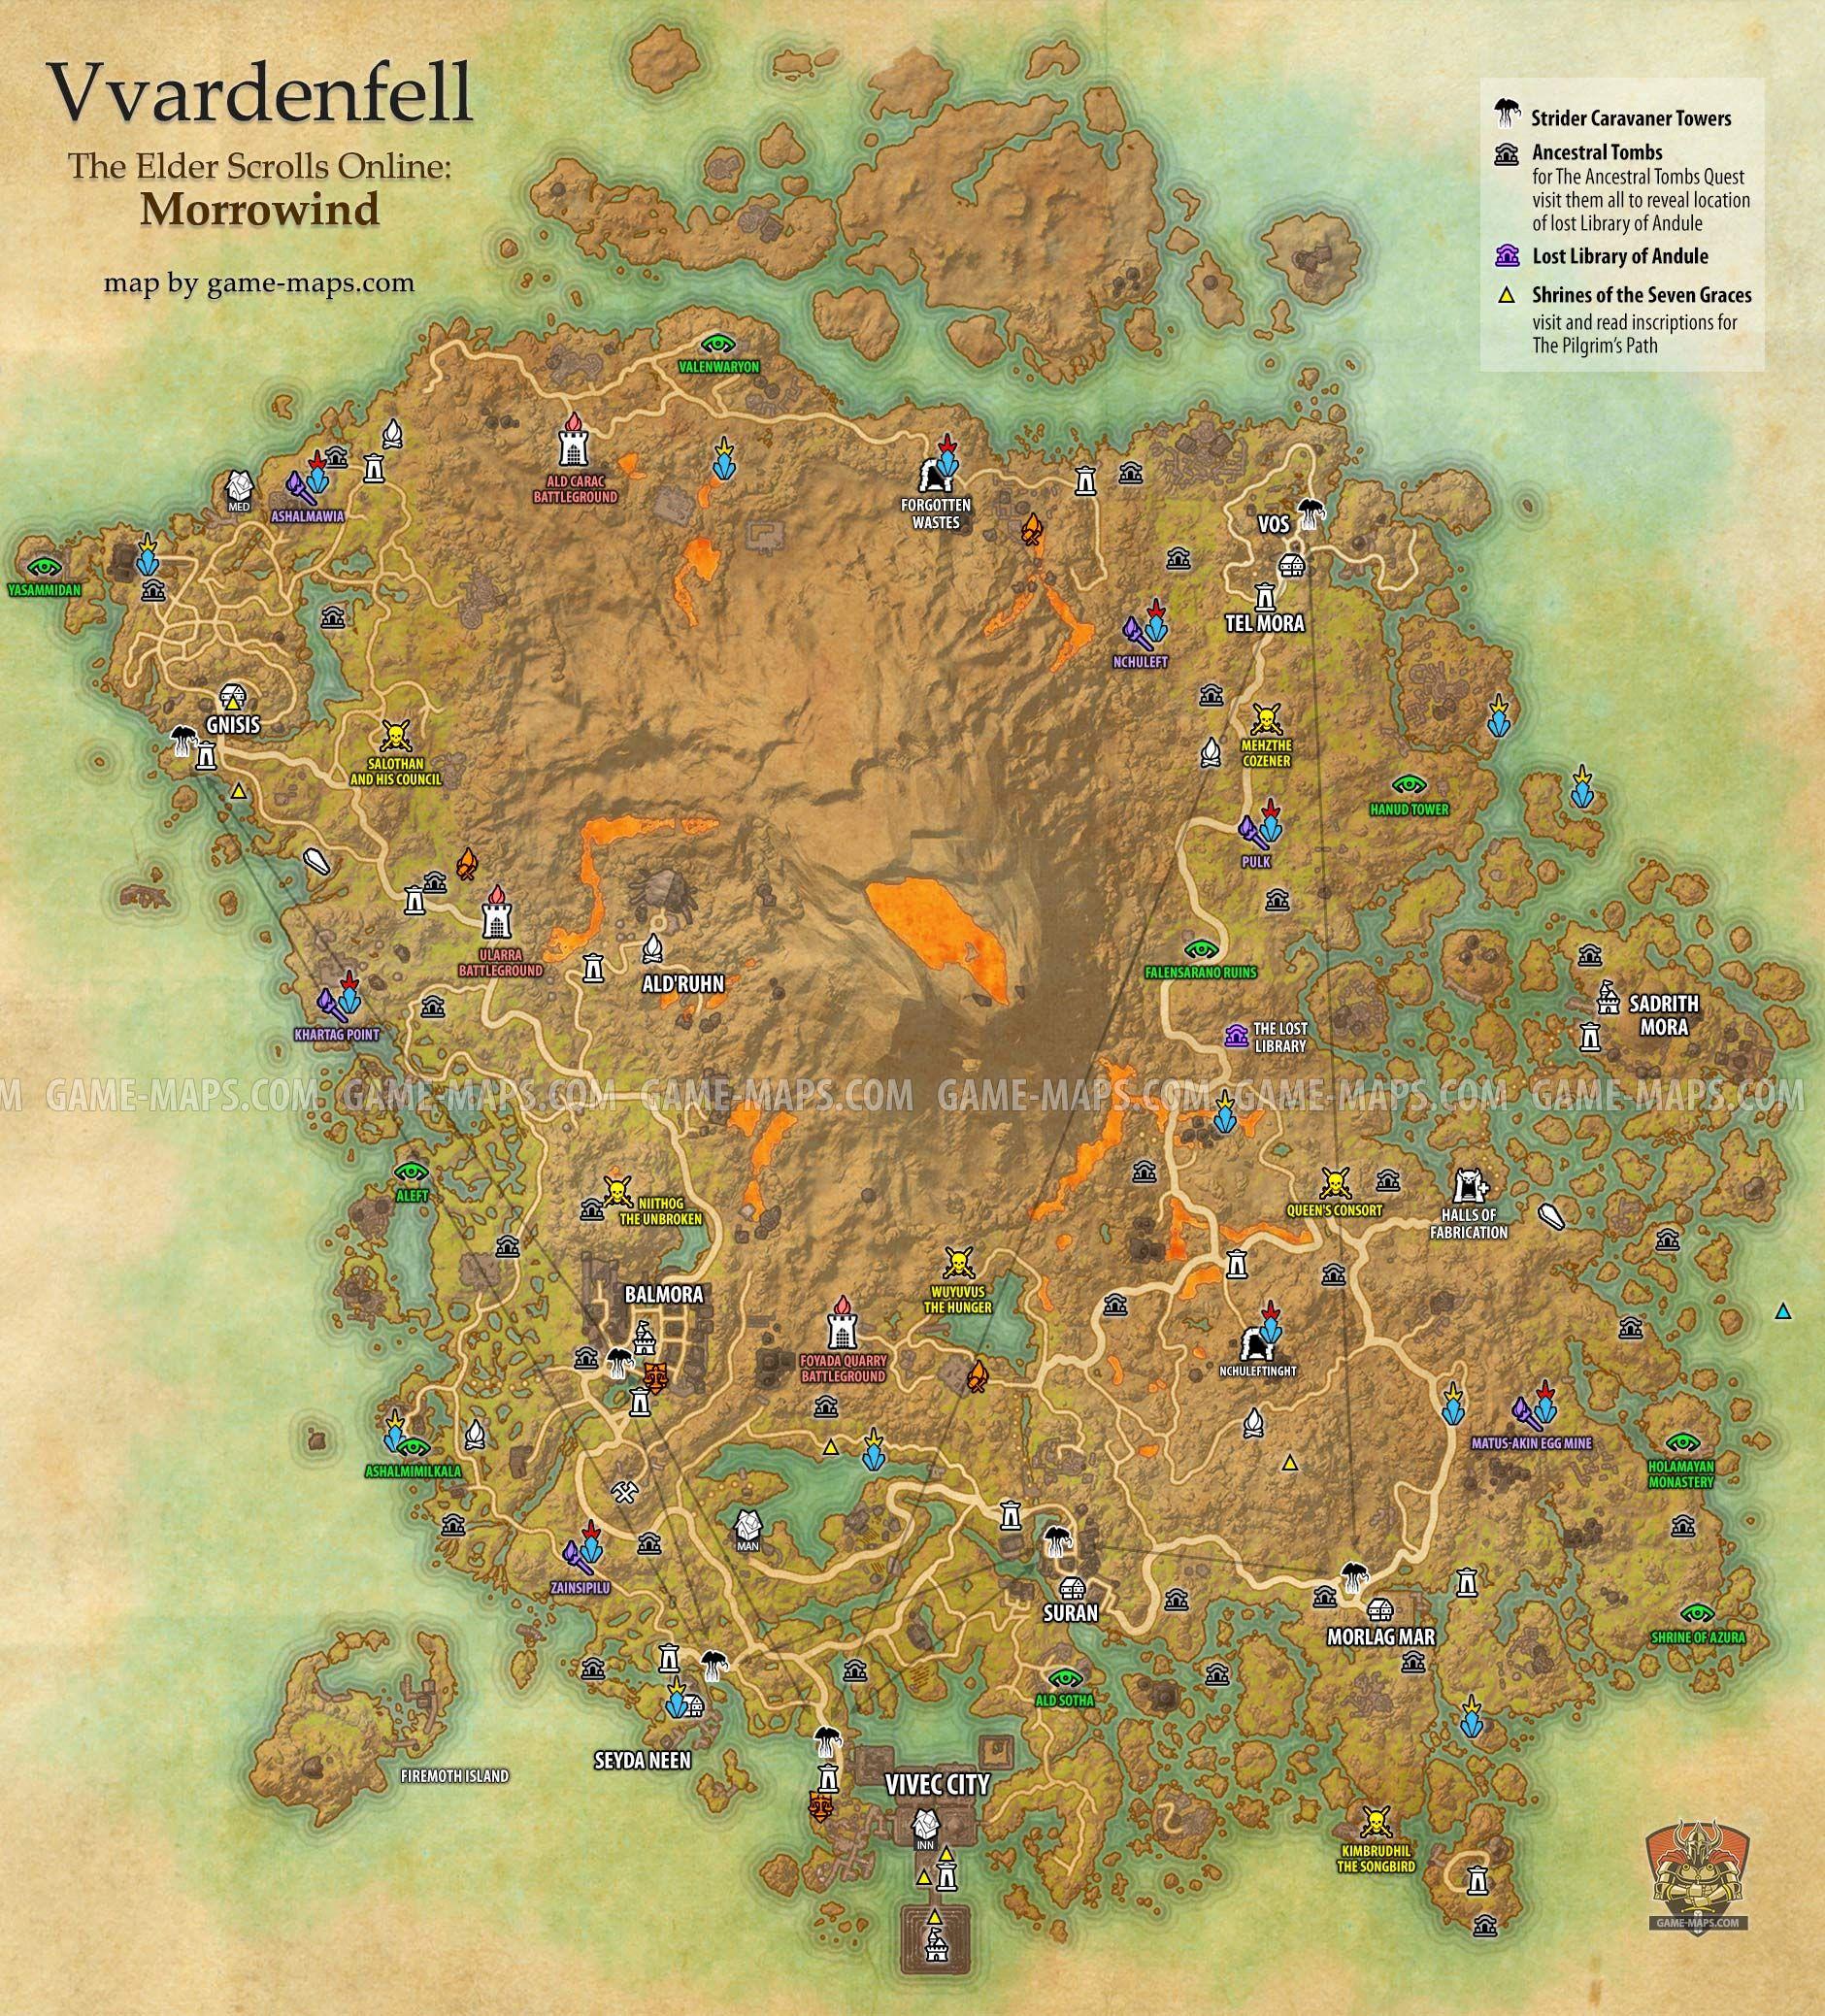 Vvardenfell zone map for The Elder Scrolls Online